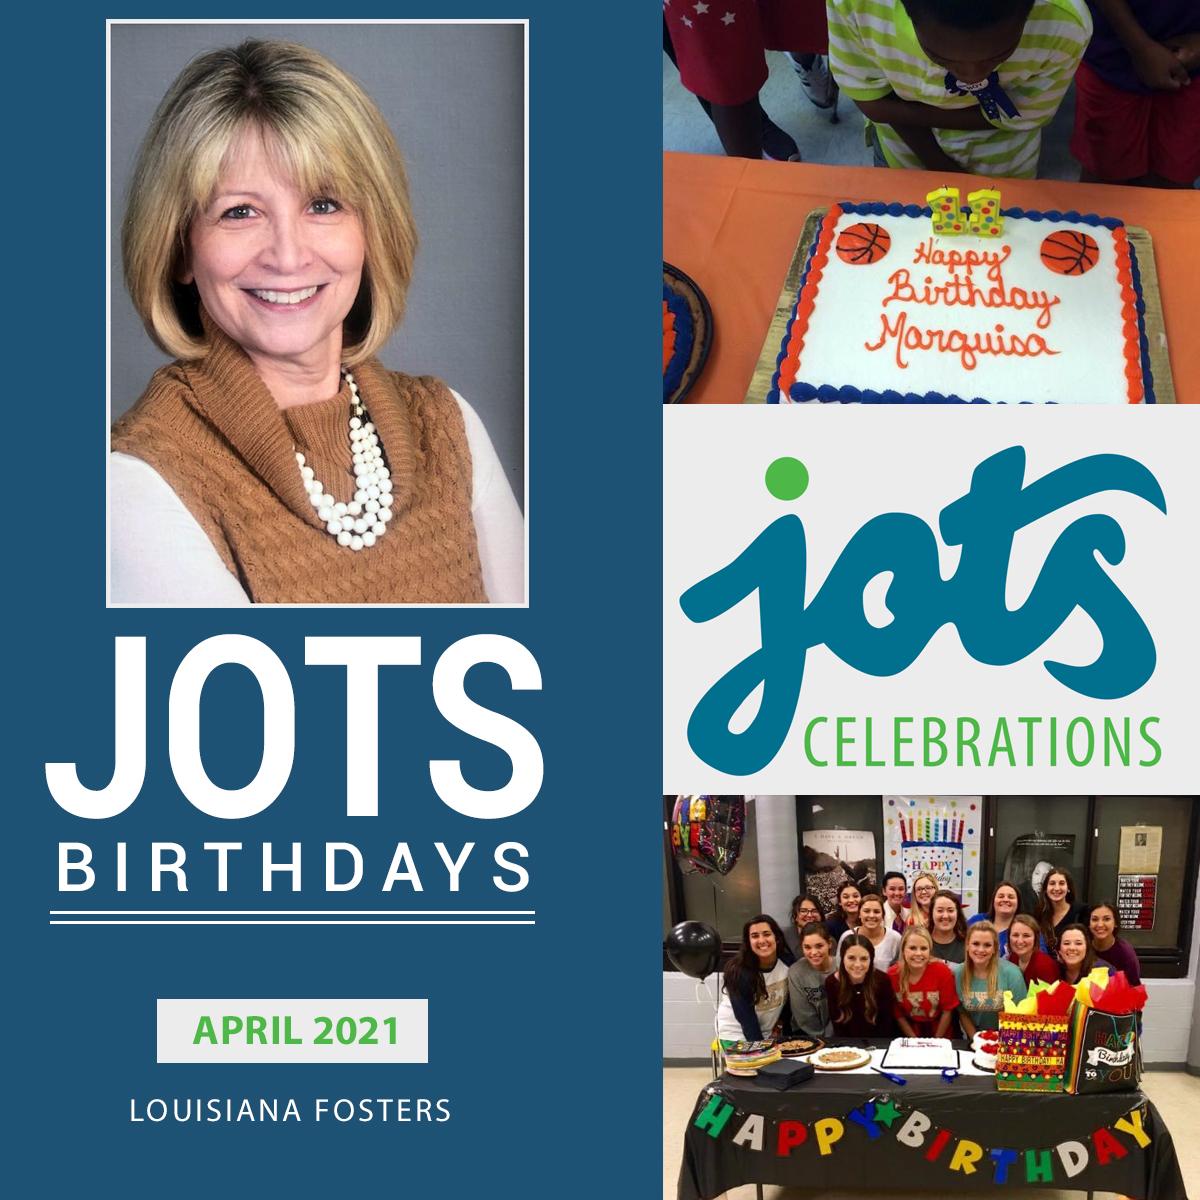 Louisiana Fosters – JOTS Birthdays